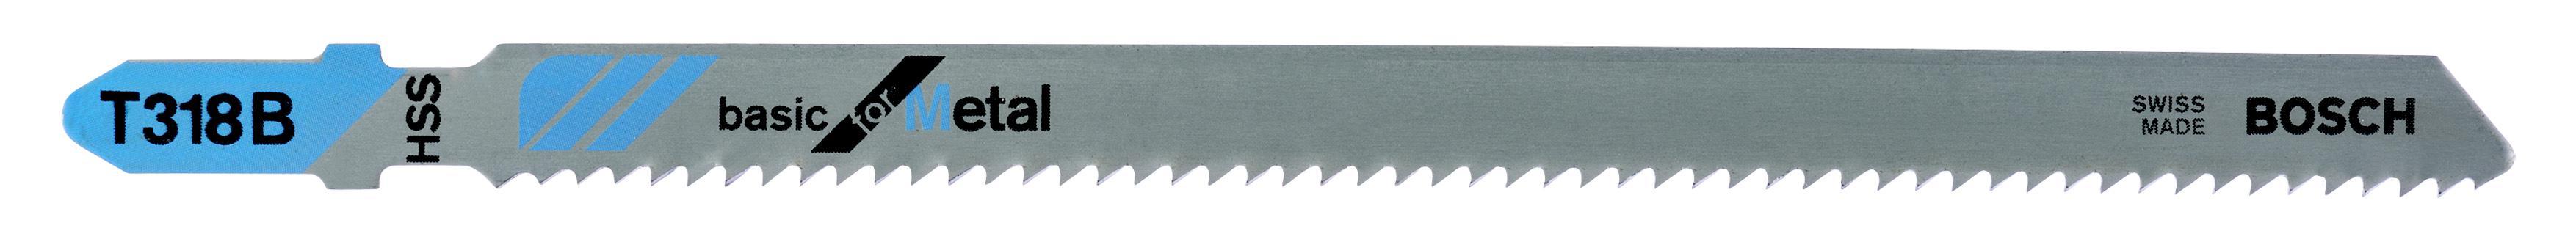 Купить Пилки для лобзика Bosch T318b (2.608.631.404), Швейцария